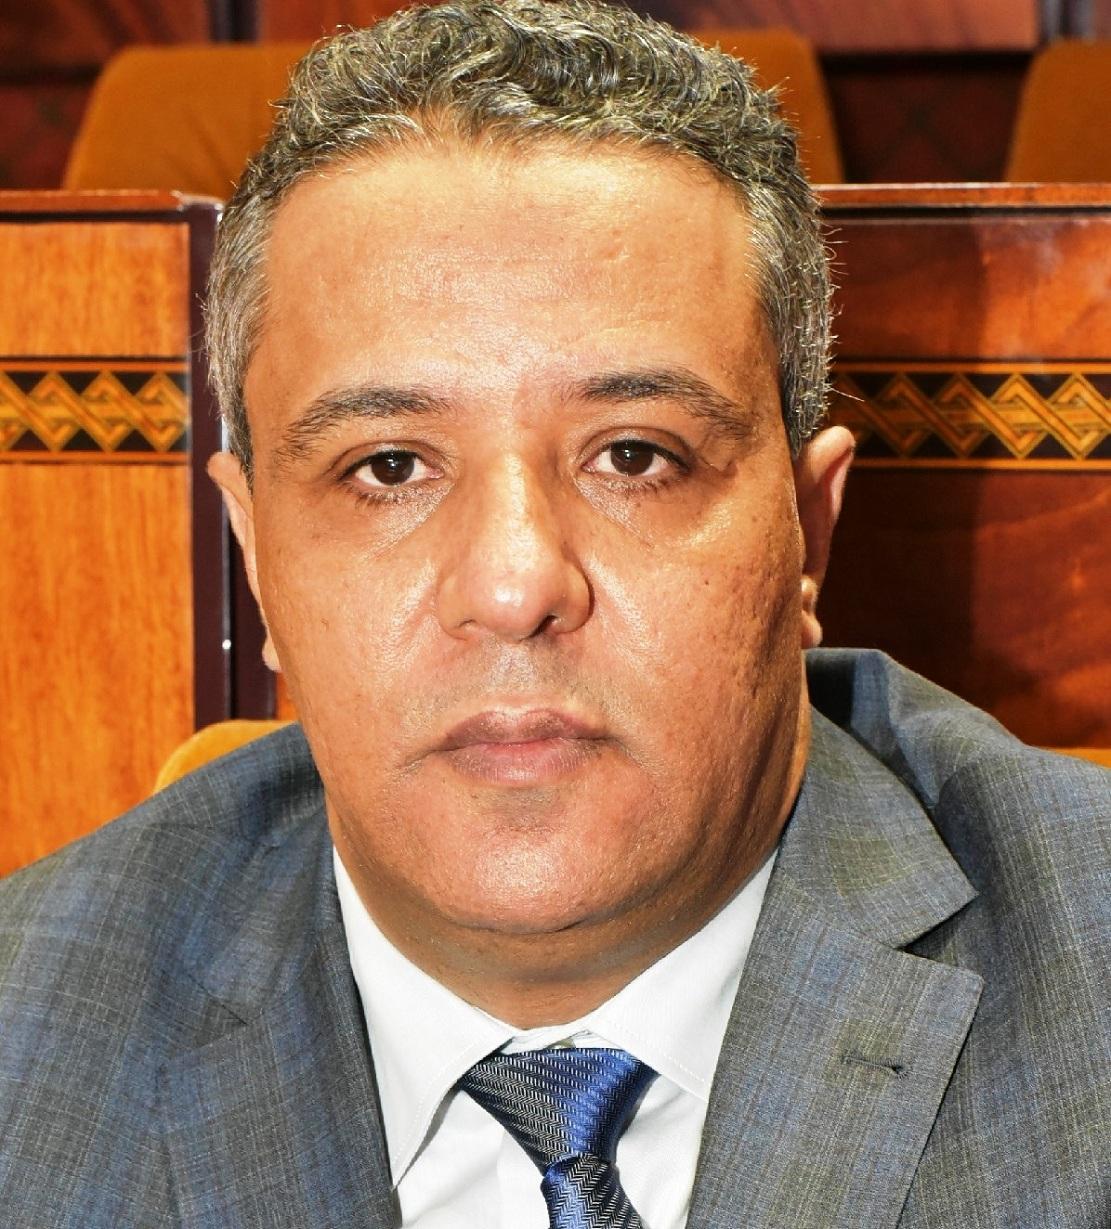 الأخ الشيخ ميارة : التباطؤ الحكومي في تفعيل اللاتمركز الاداري يضر بالتنمية ويعطل الجهوية